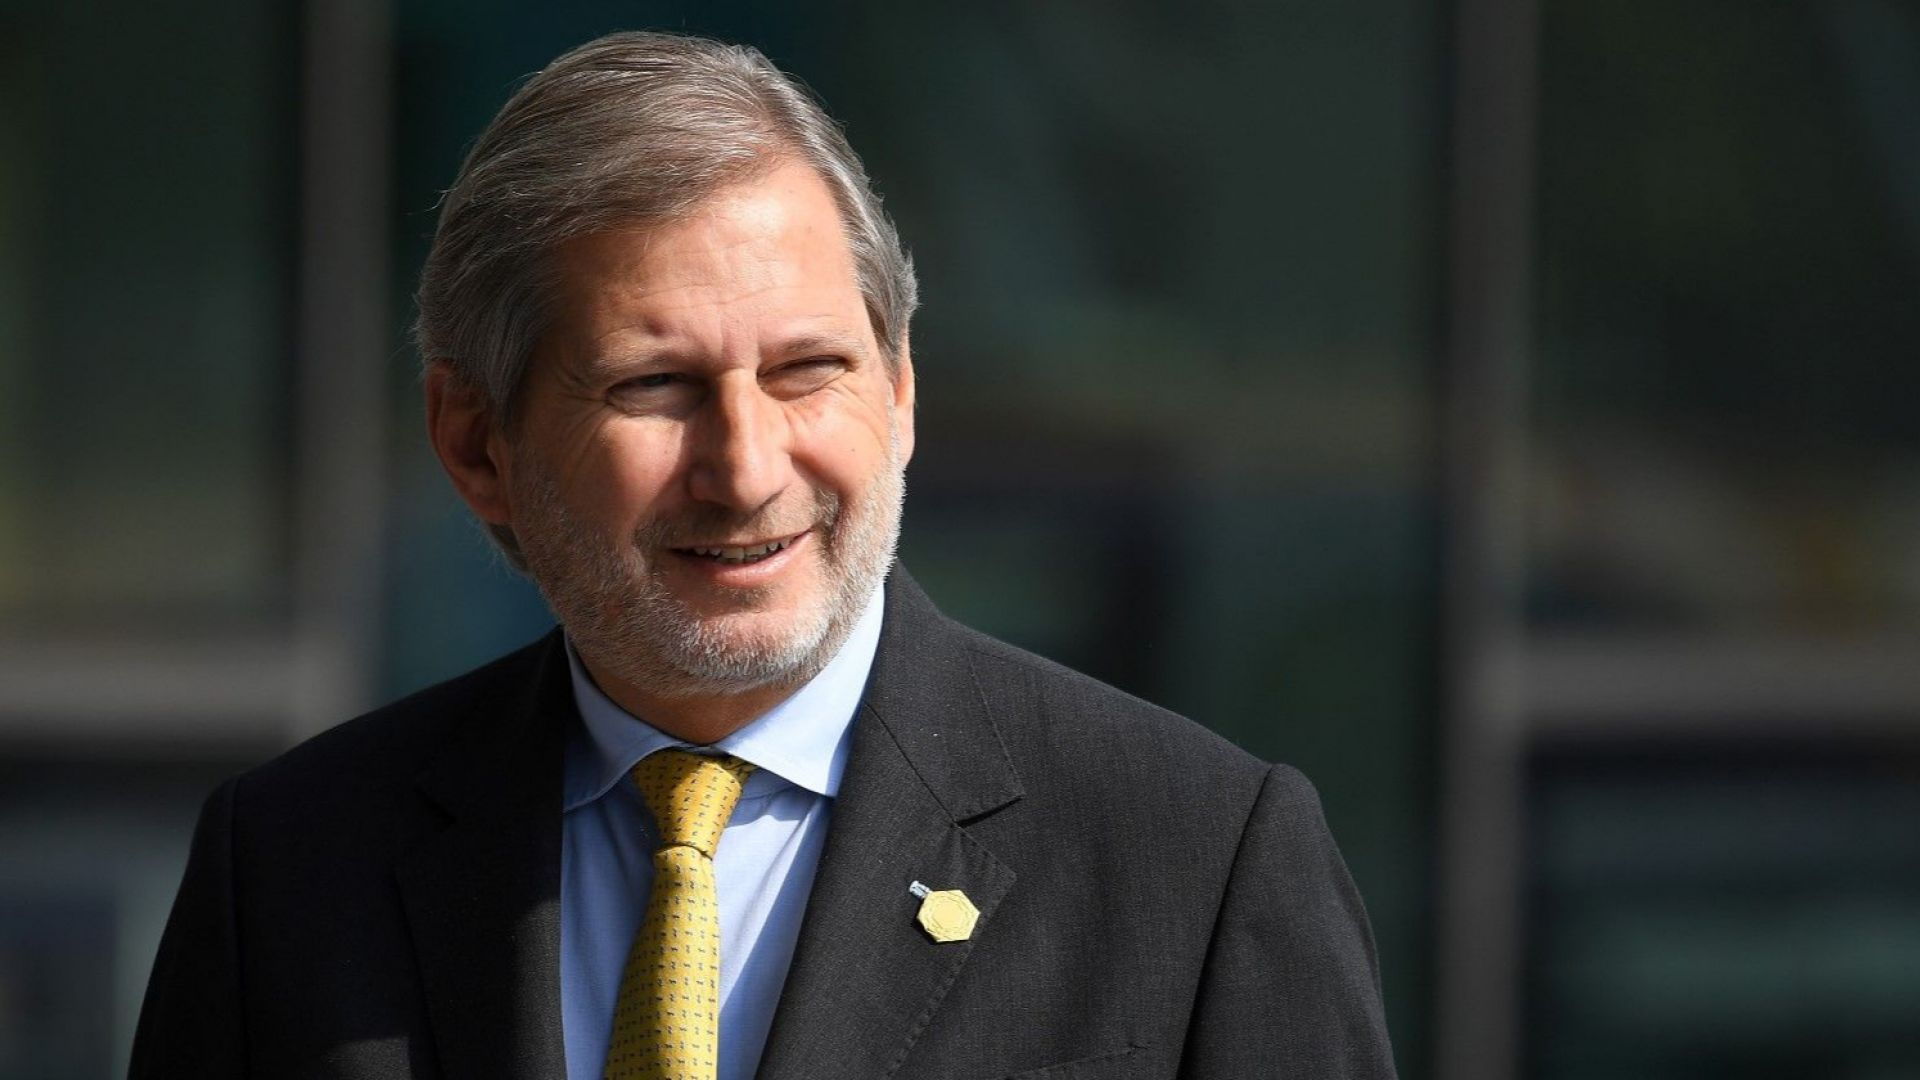 ЕК препоръча да започнат преговори със С. Македония и Албания, но предупреди, че в ЕС не се влиза бързо